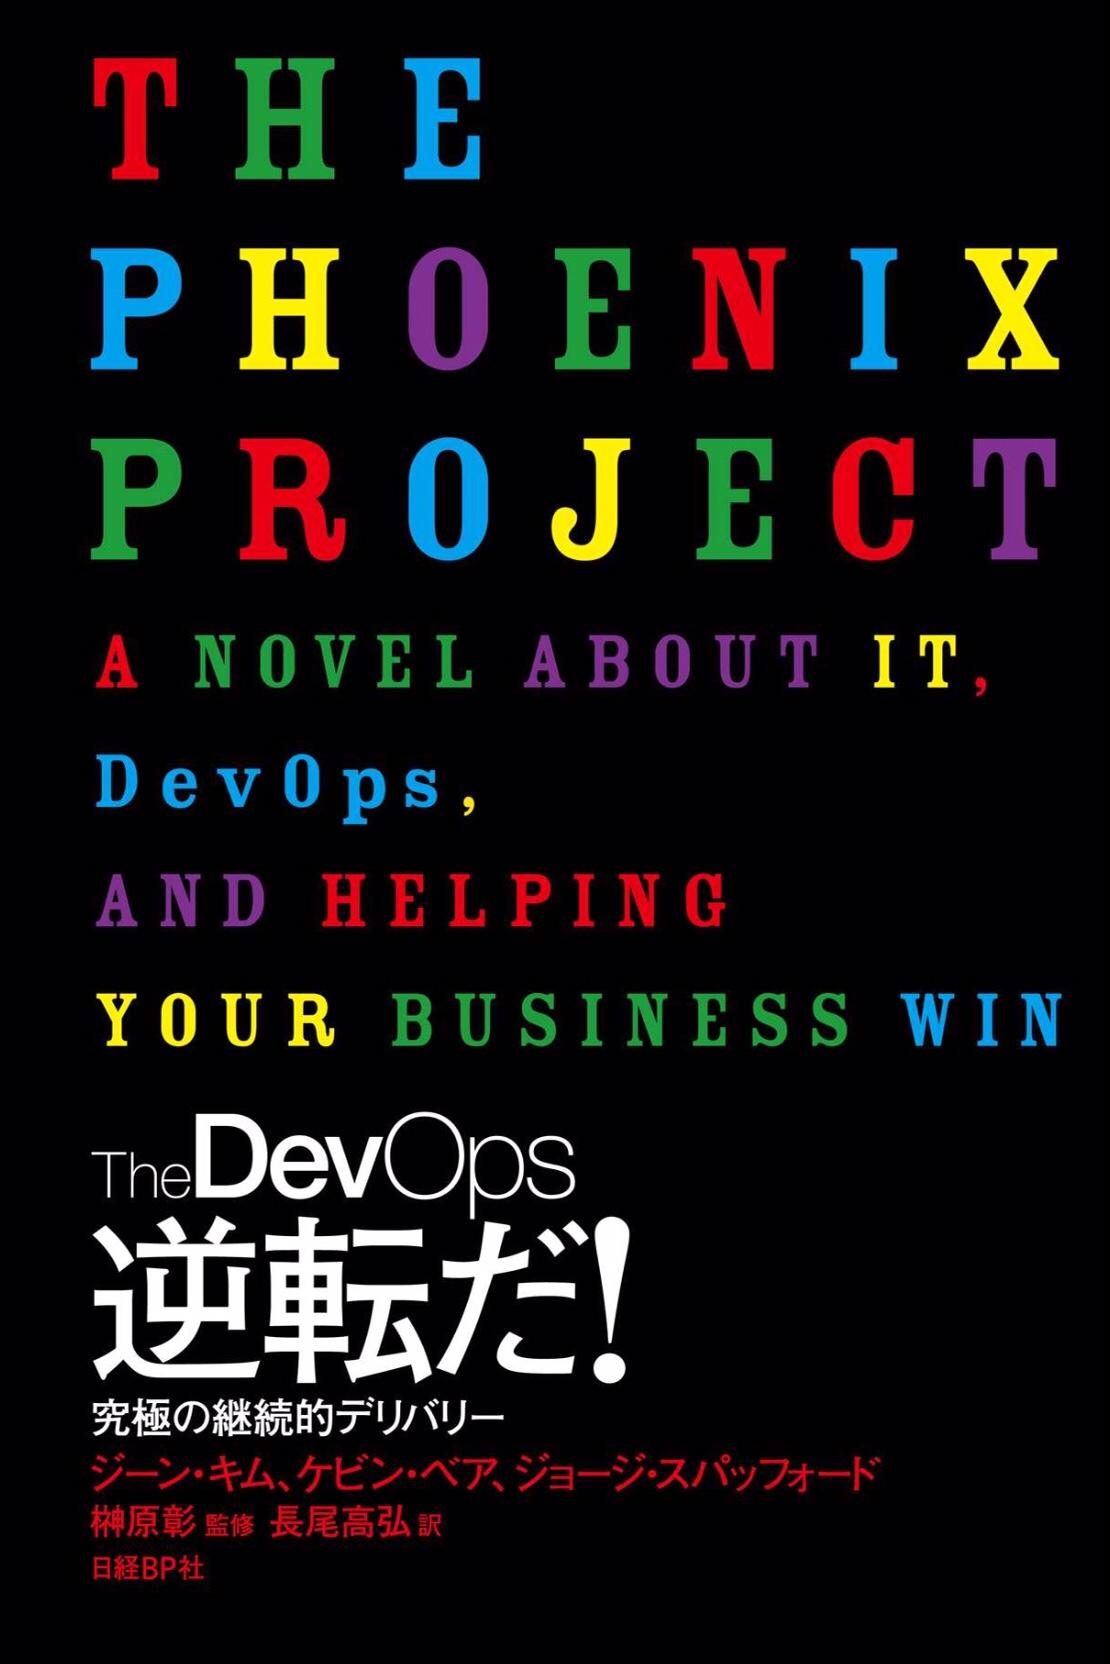 5分でわかる「The DevOps 逆転だ!究極の継続的デリバリー」の要約まとめ!